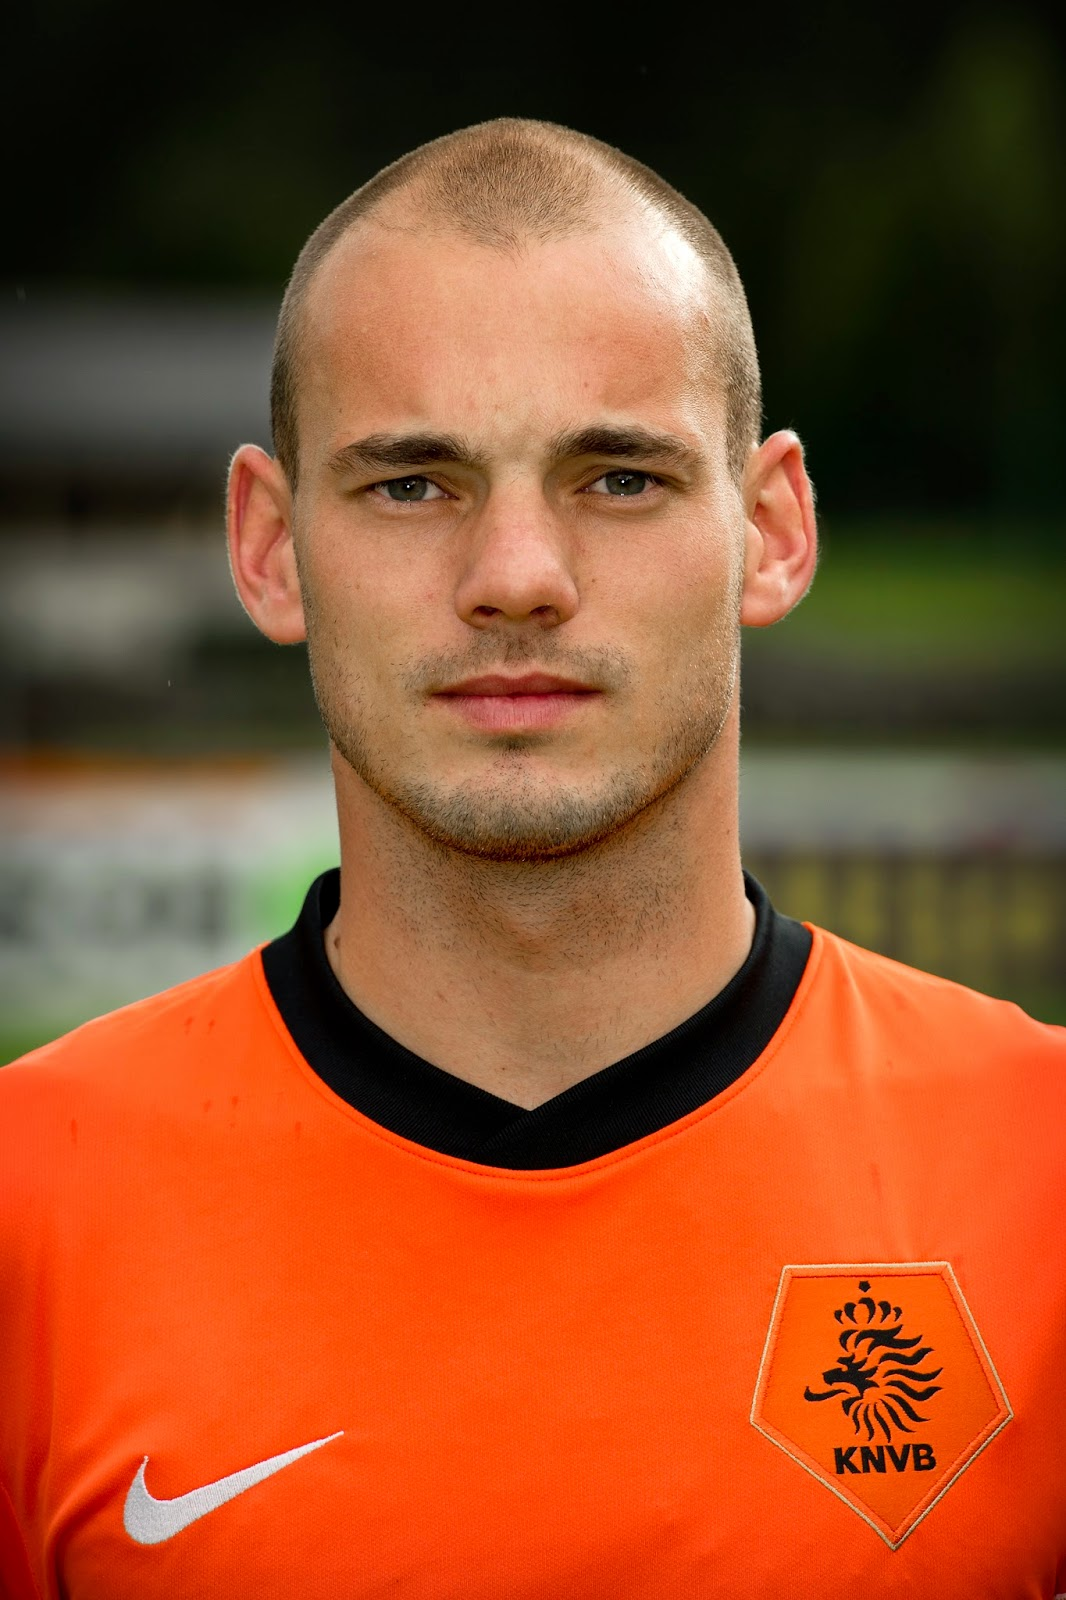 Futebol no Domingo.com  Destino de Sneijder em 2015 deve ser United ou  Chelsea 08b00f6e3f43e